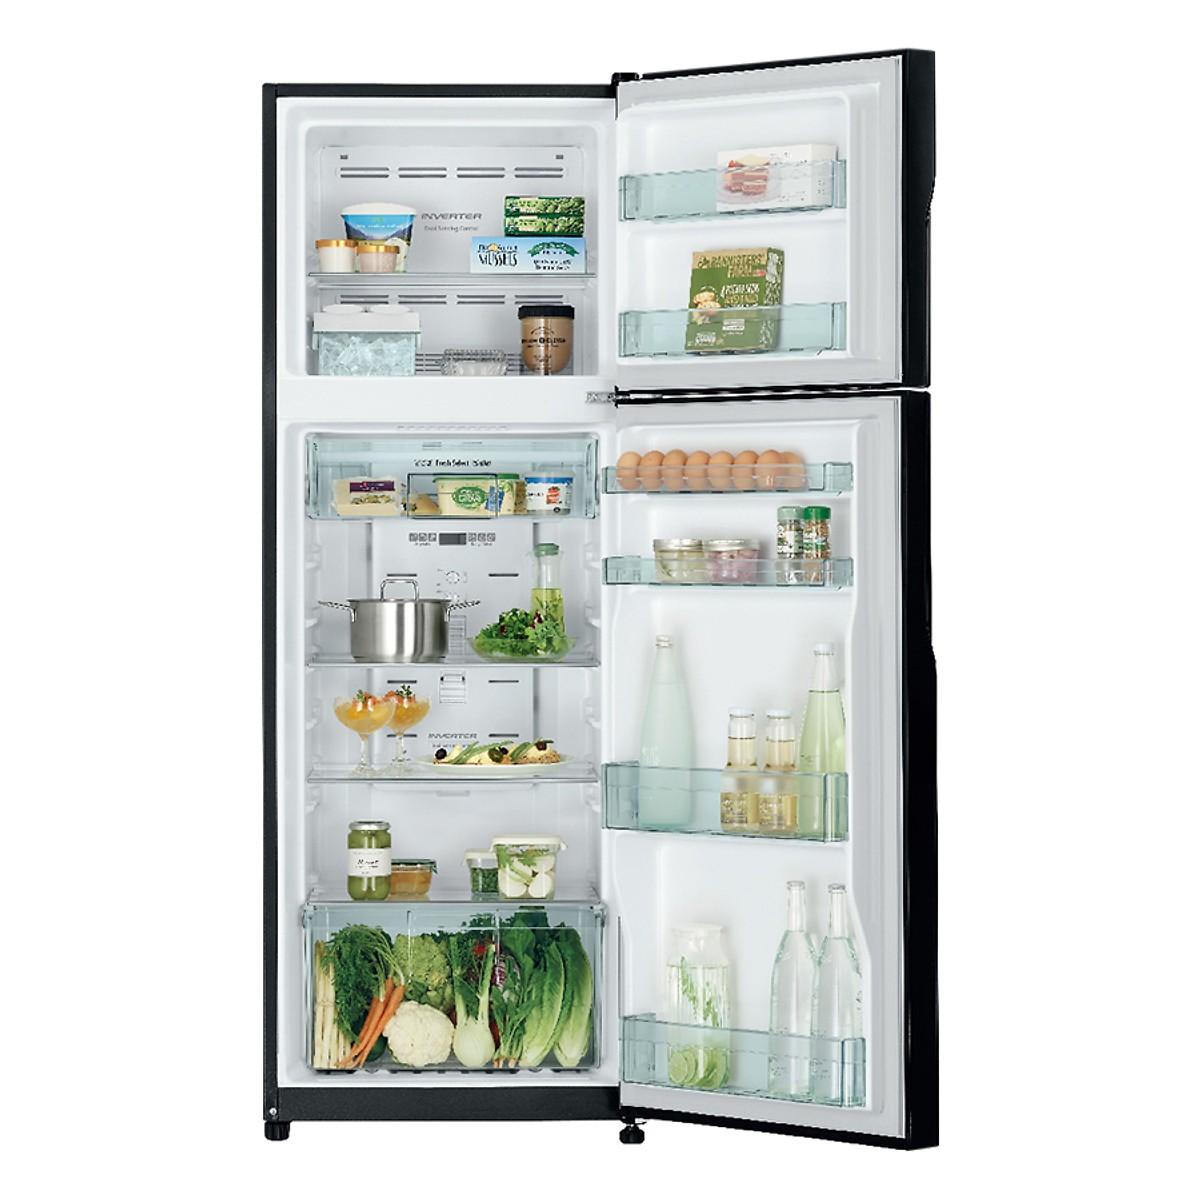 Tủ Lạnh Inverter Hitachi R-H310PGV7-BSL (260L) - Hàng Chính Hãng + Tặng Bình Đun Siêu Tốc